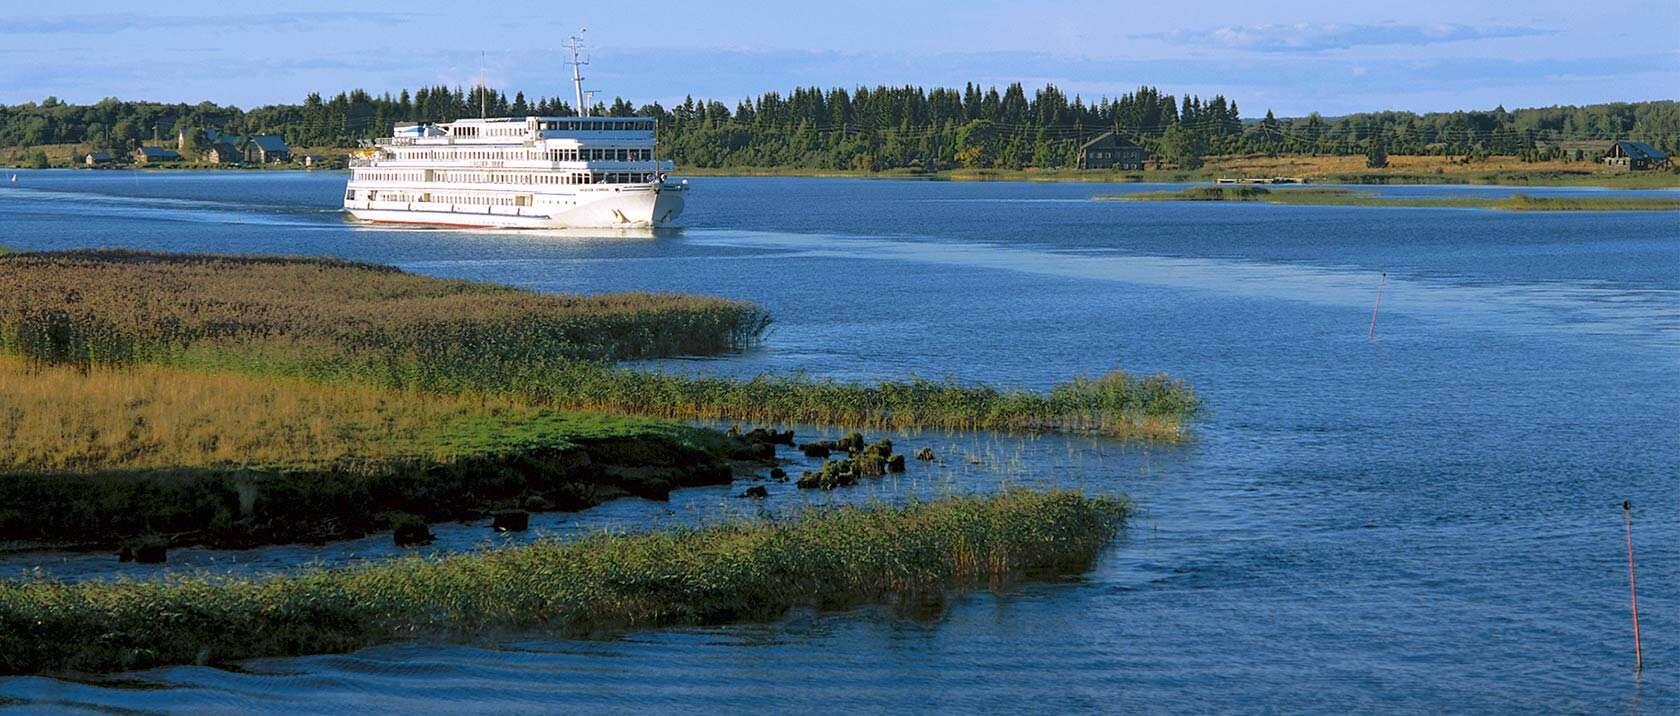 Waterways of the Tsars (river)